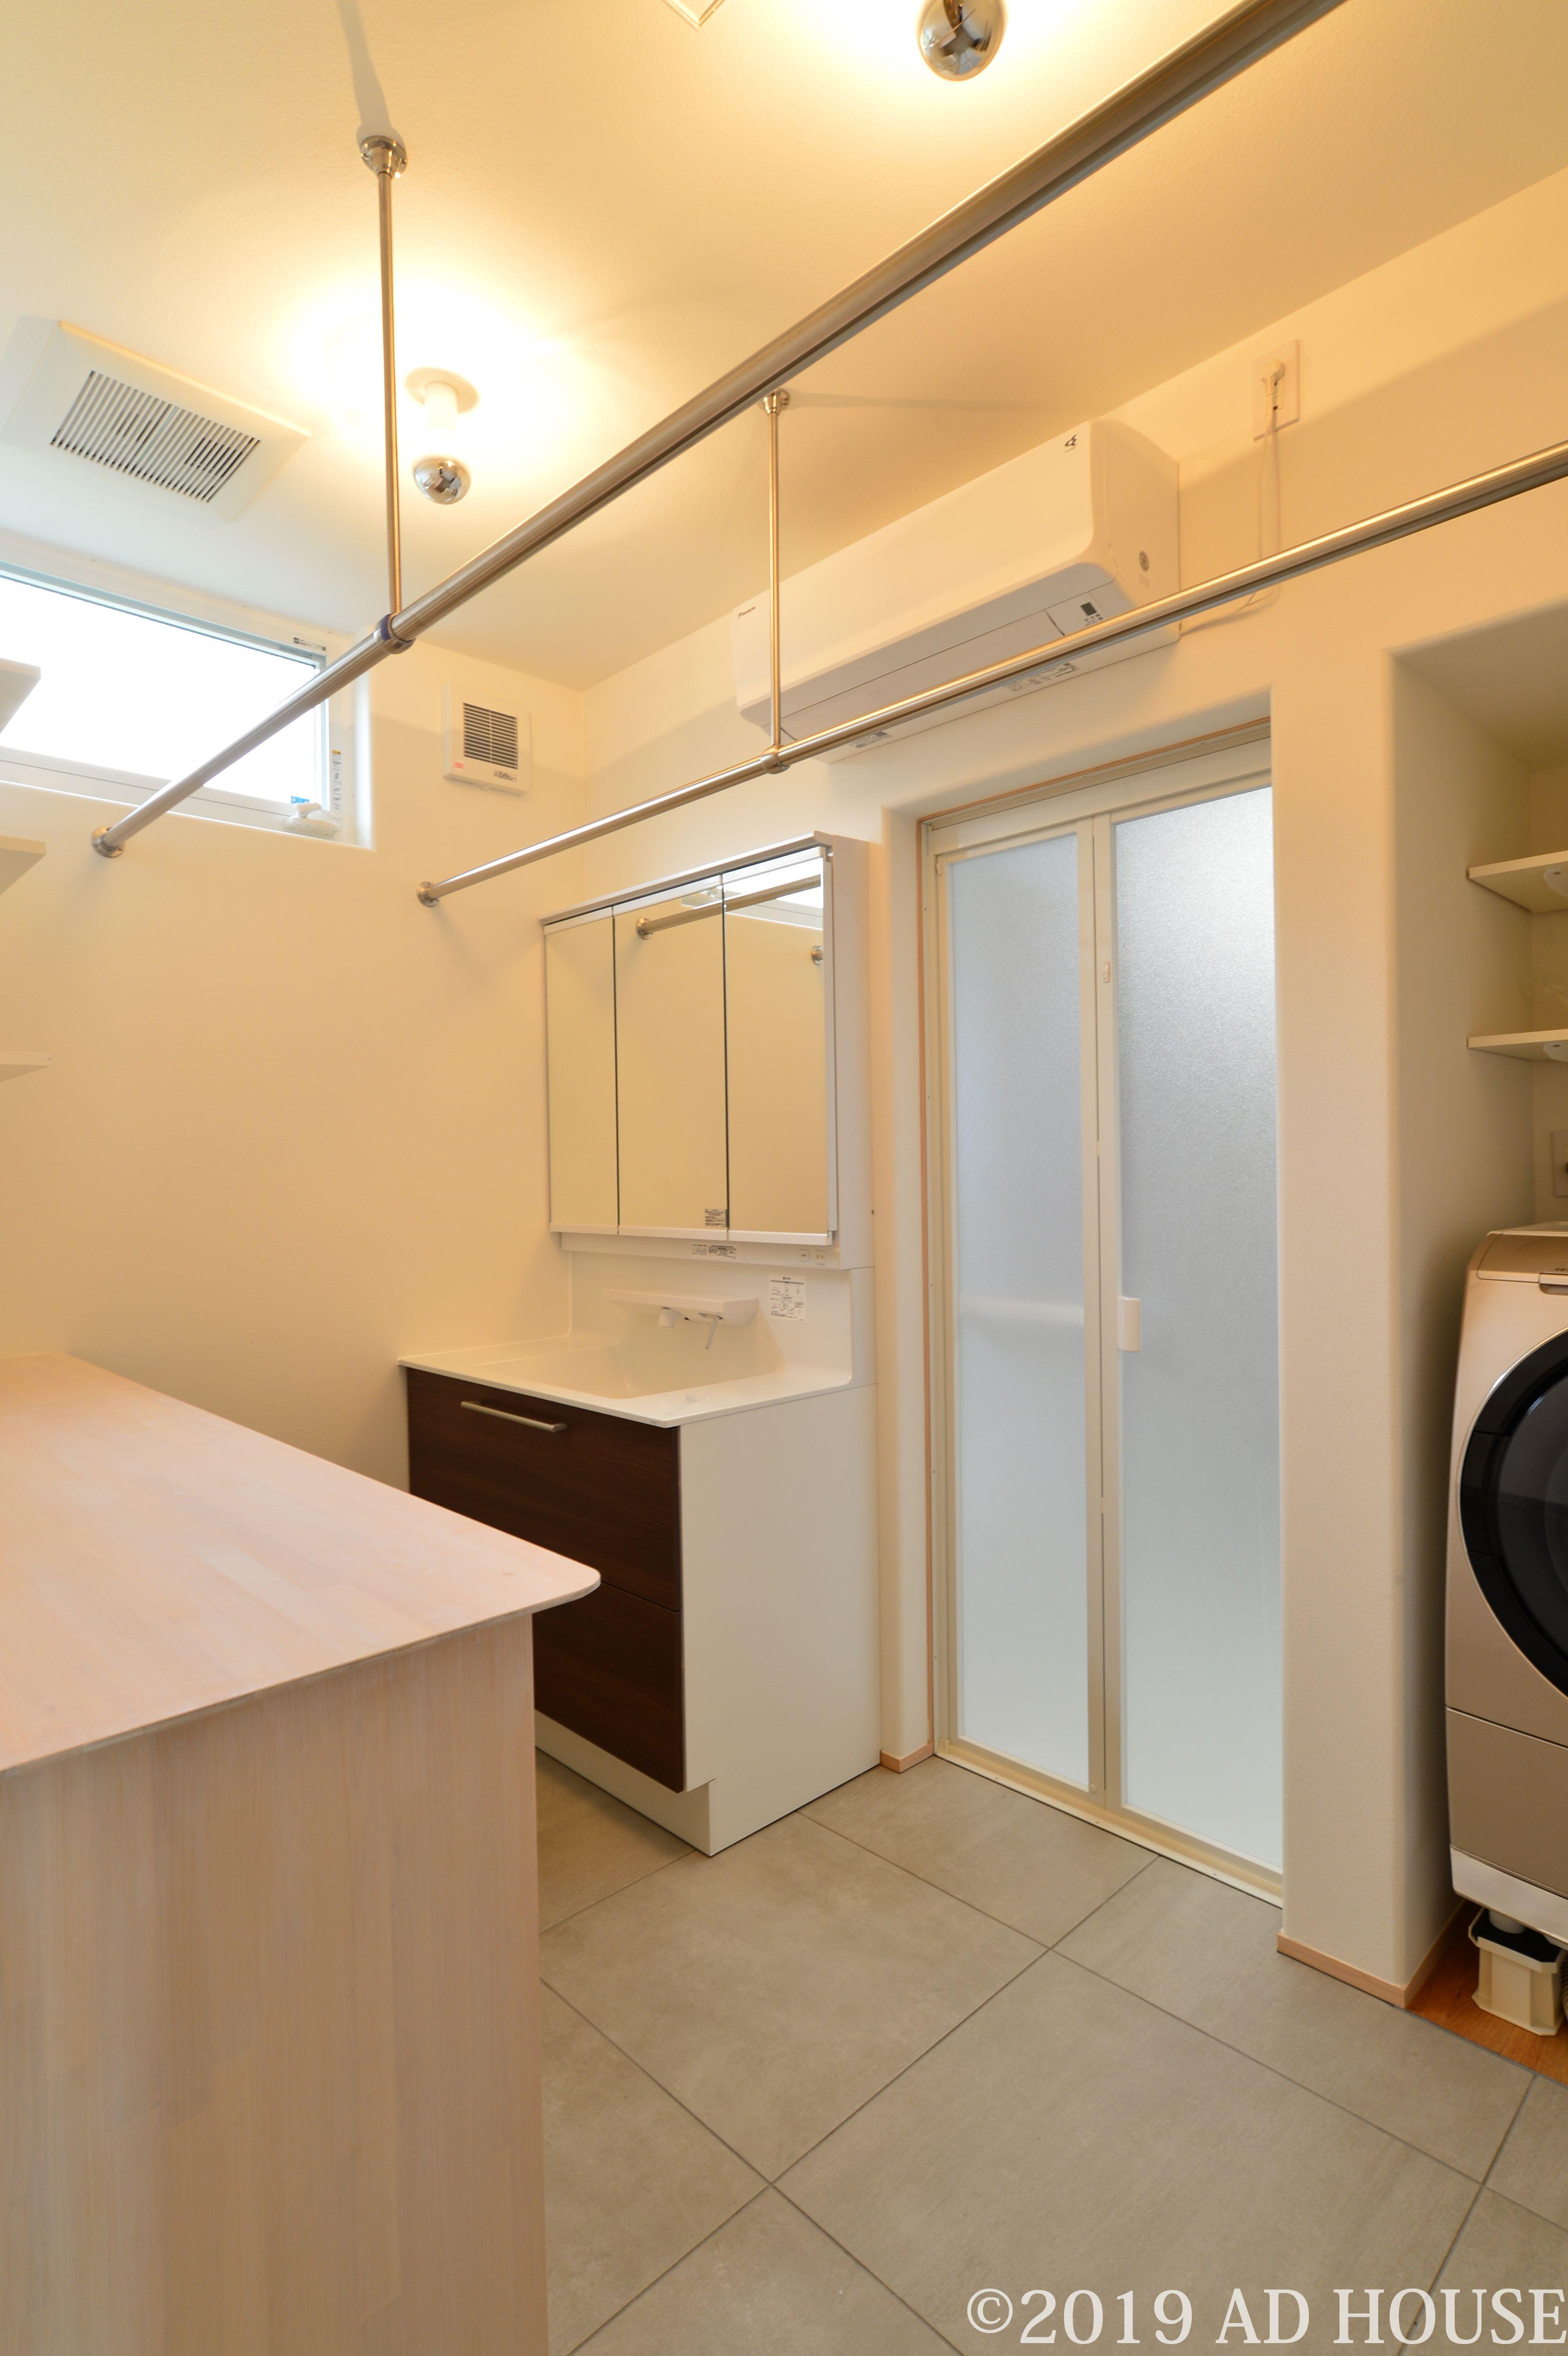 室内干しを想定した洗濯脱衣室 3畳ほど 浴室側の床仕上げをタイルにして掃除をしやすく作業カウンターを設けていて アイロンがけもできるように カウンター下には手持ち